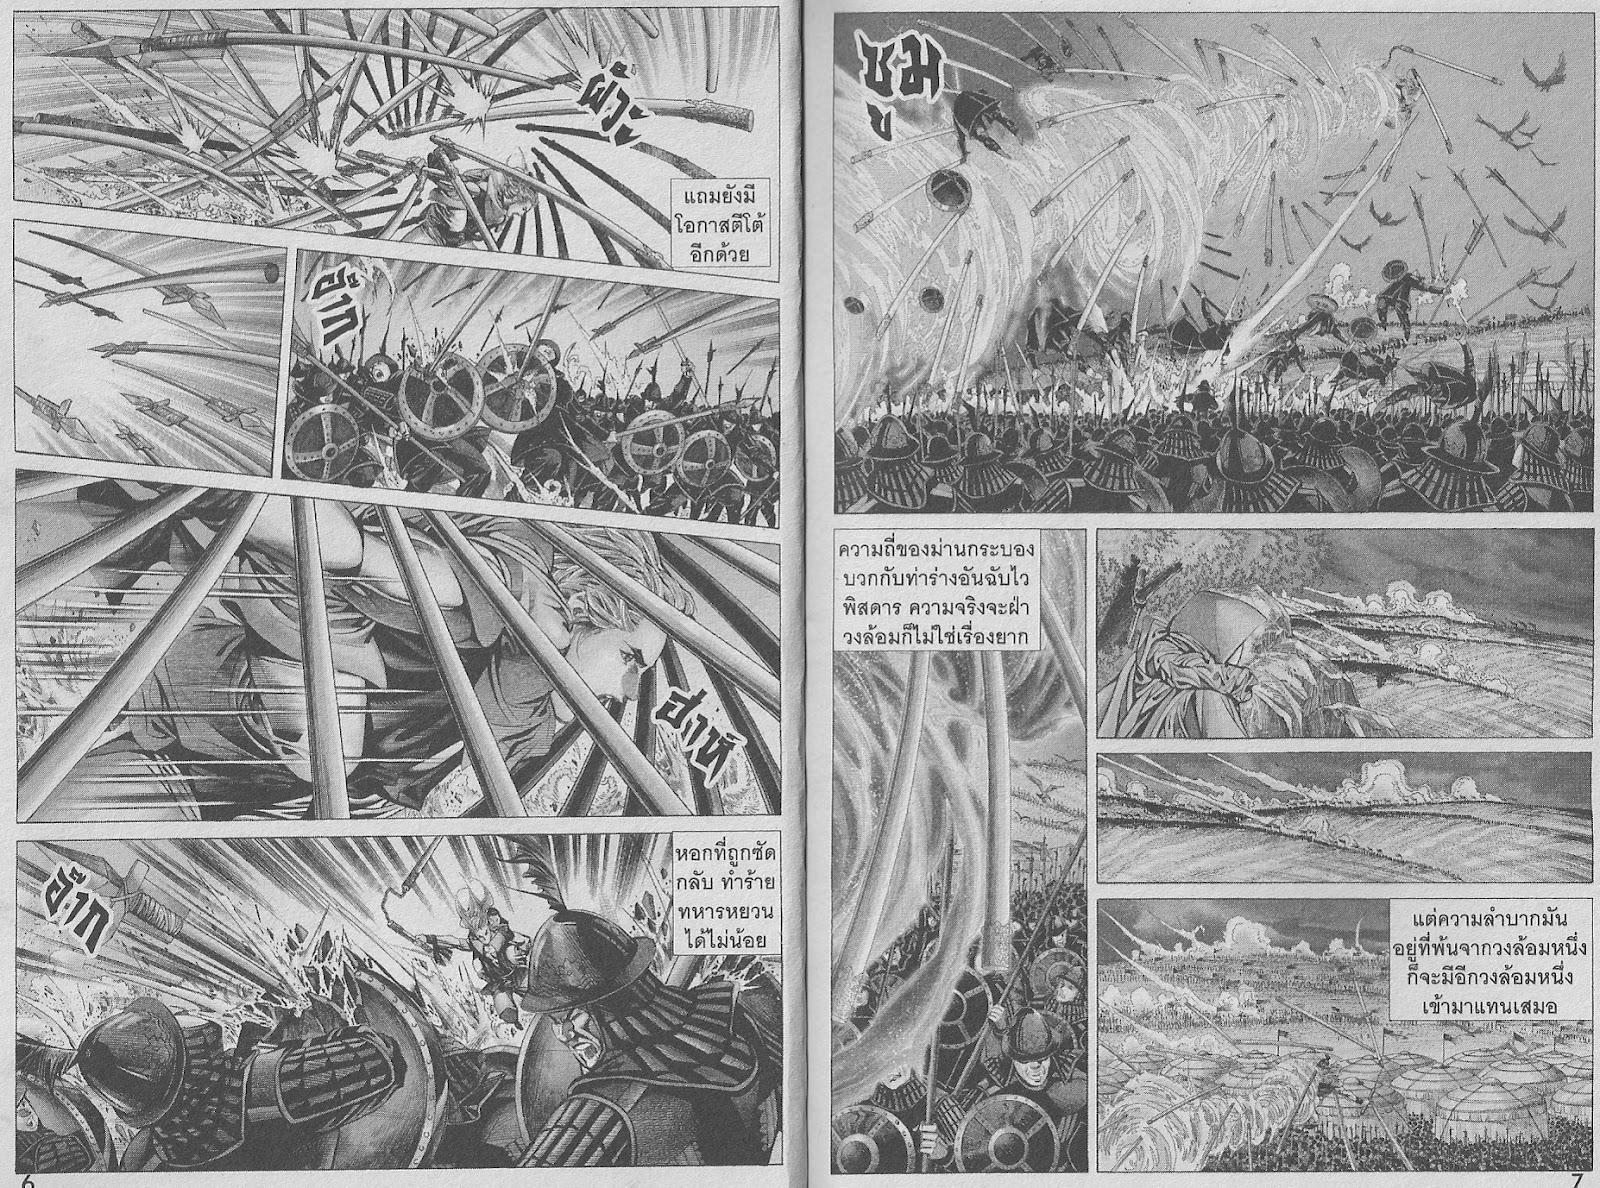 สุดขั้วยุทธภพ-เล่ม 29